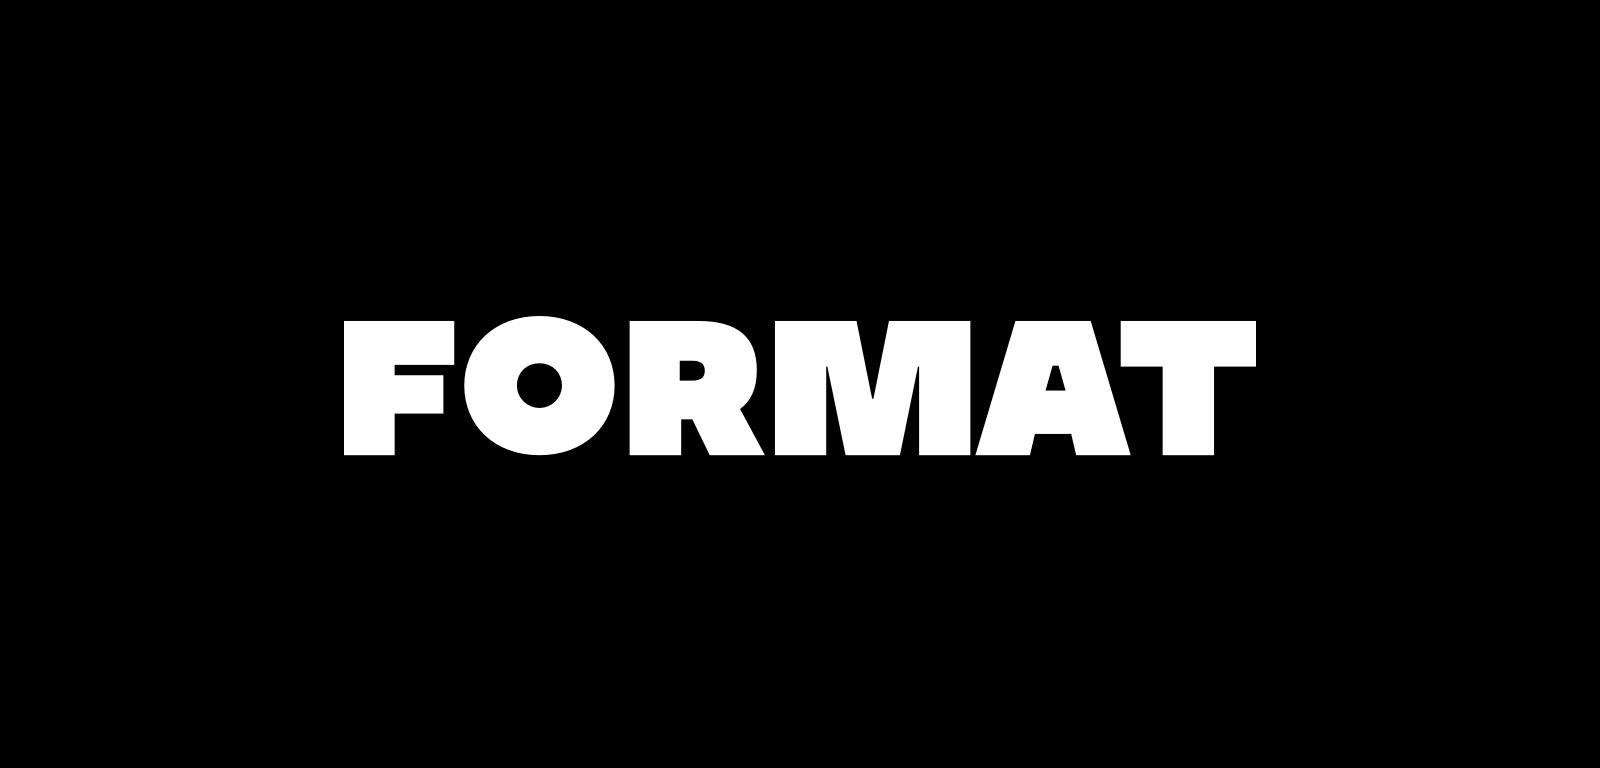 format red wordmark